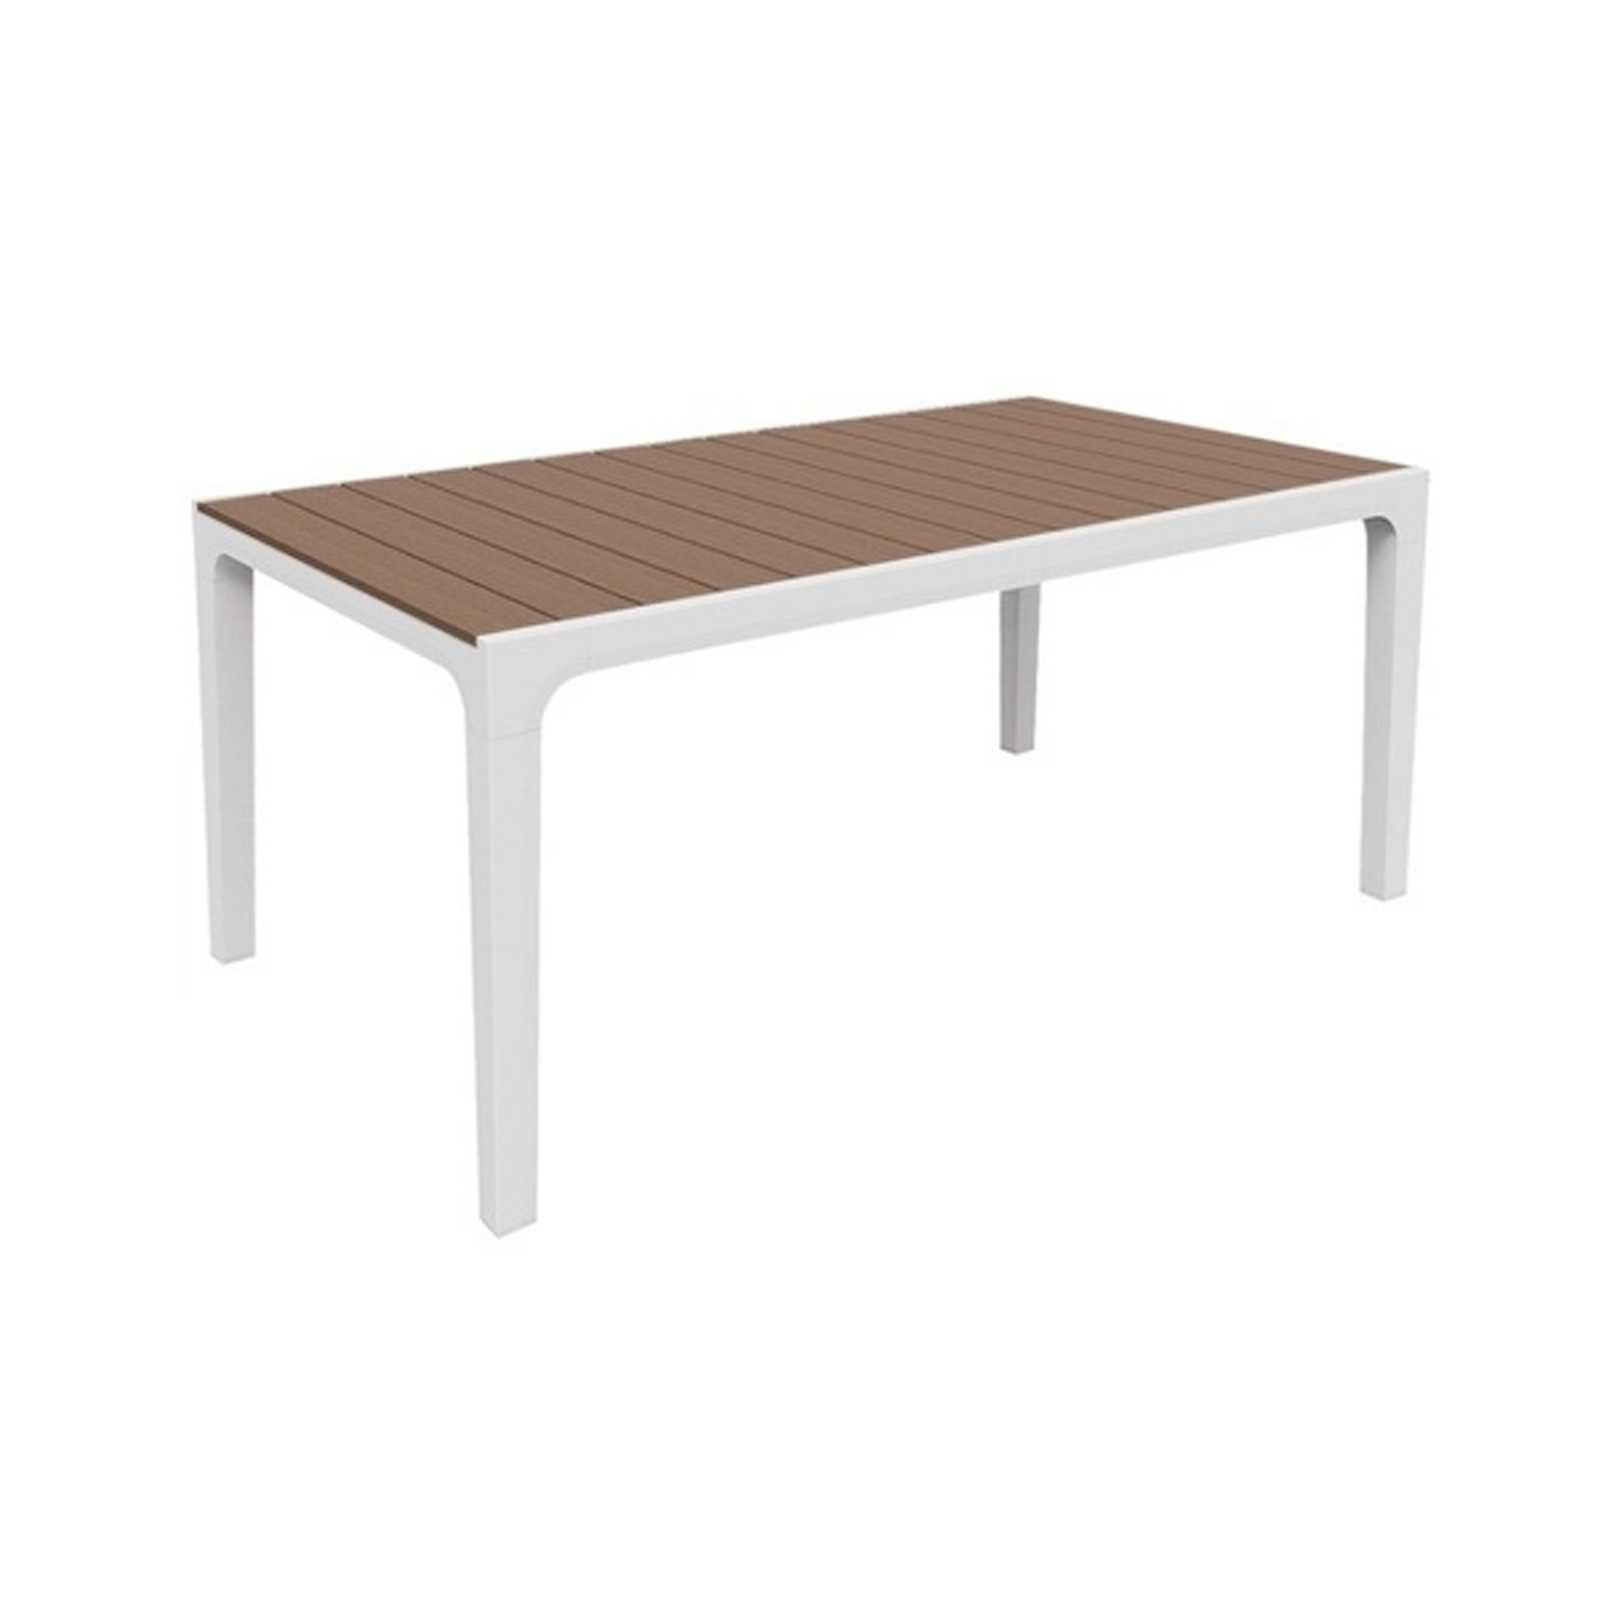 Tavolo in resina antiurto tortora modello Harmony - CON PICCOLE IMPERFEZIONI